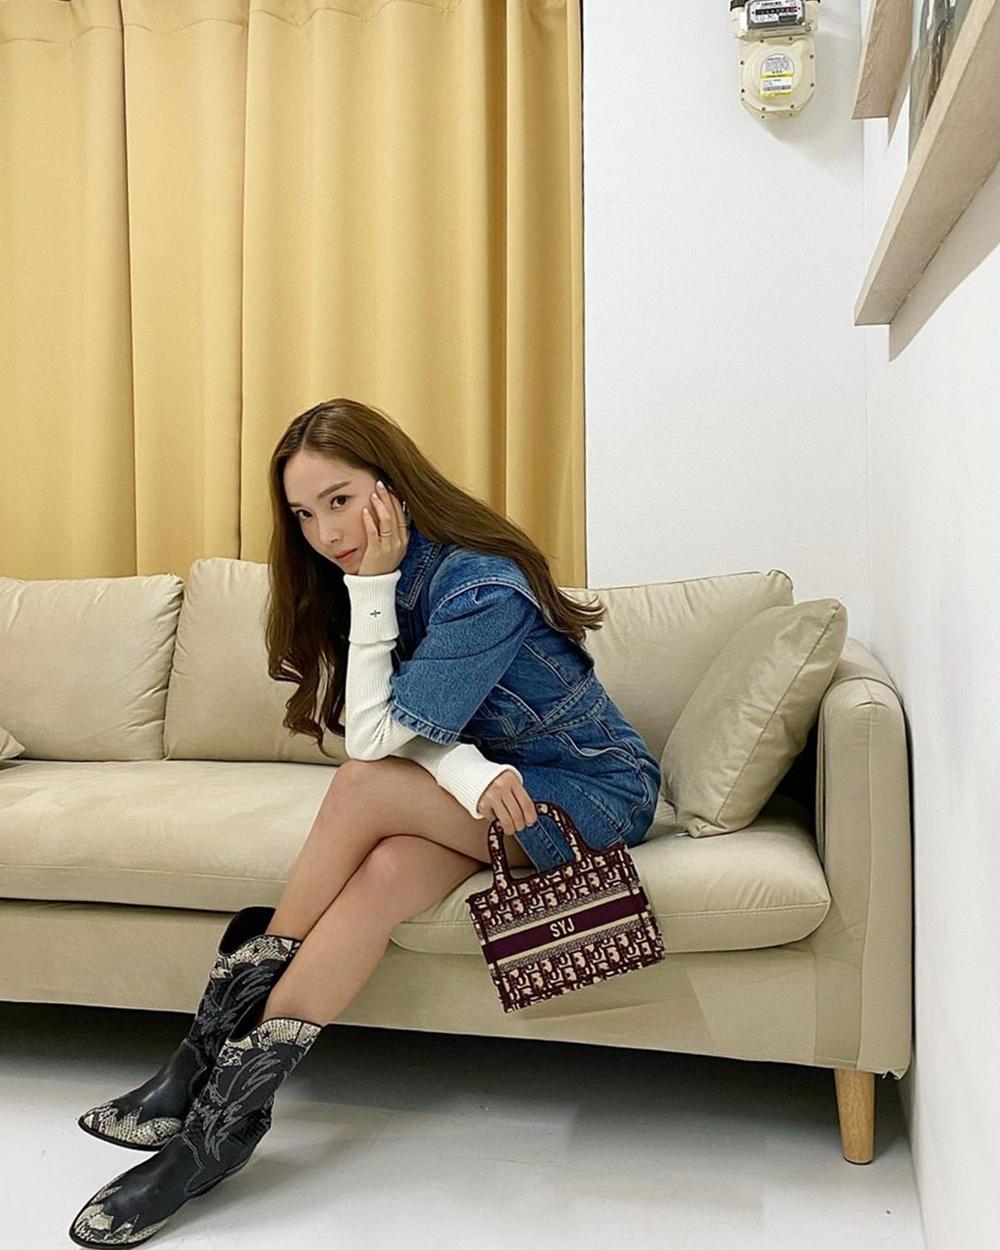 Trên trang cá nhân hồi tháng 2, Jessica khoe phong cách với mẫu túiThe Dior Book Tote cỡ nhỏ của hãng Dior. Phụ kiện phối ba màu (đỏ, xám, be), ghi điểm với họa tiết Oblique đặc trưng. Giá từ nhà sản xuất 1.950, có thể mix hài hòa với nhiều trang phục.